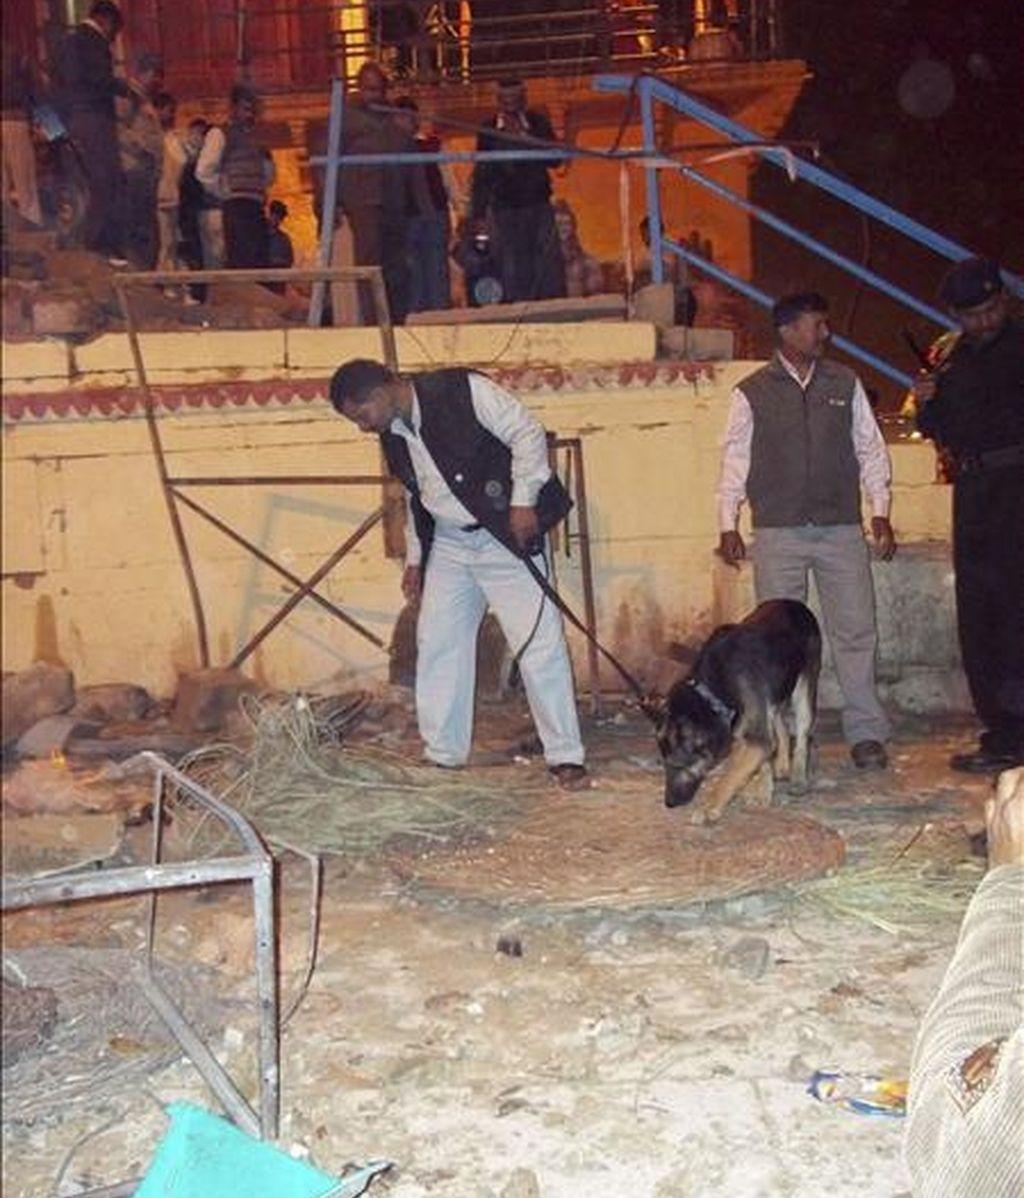 Policías indios inspeccionan el lugar donde una explosión ha acabado con la vida de dos personas, una de ellas un turista extranjero, en la ciudad de Benarés (actualmente Varanasi), en el norte de la India. EFE